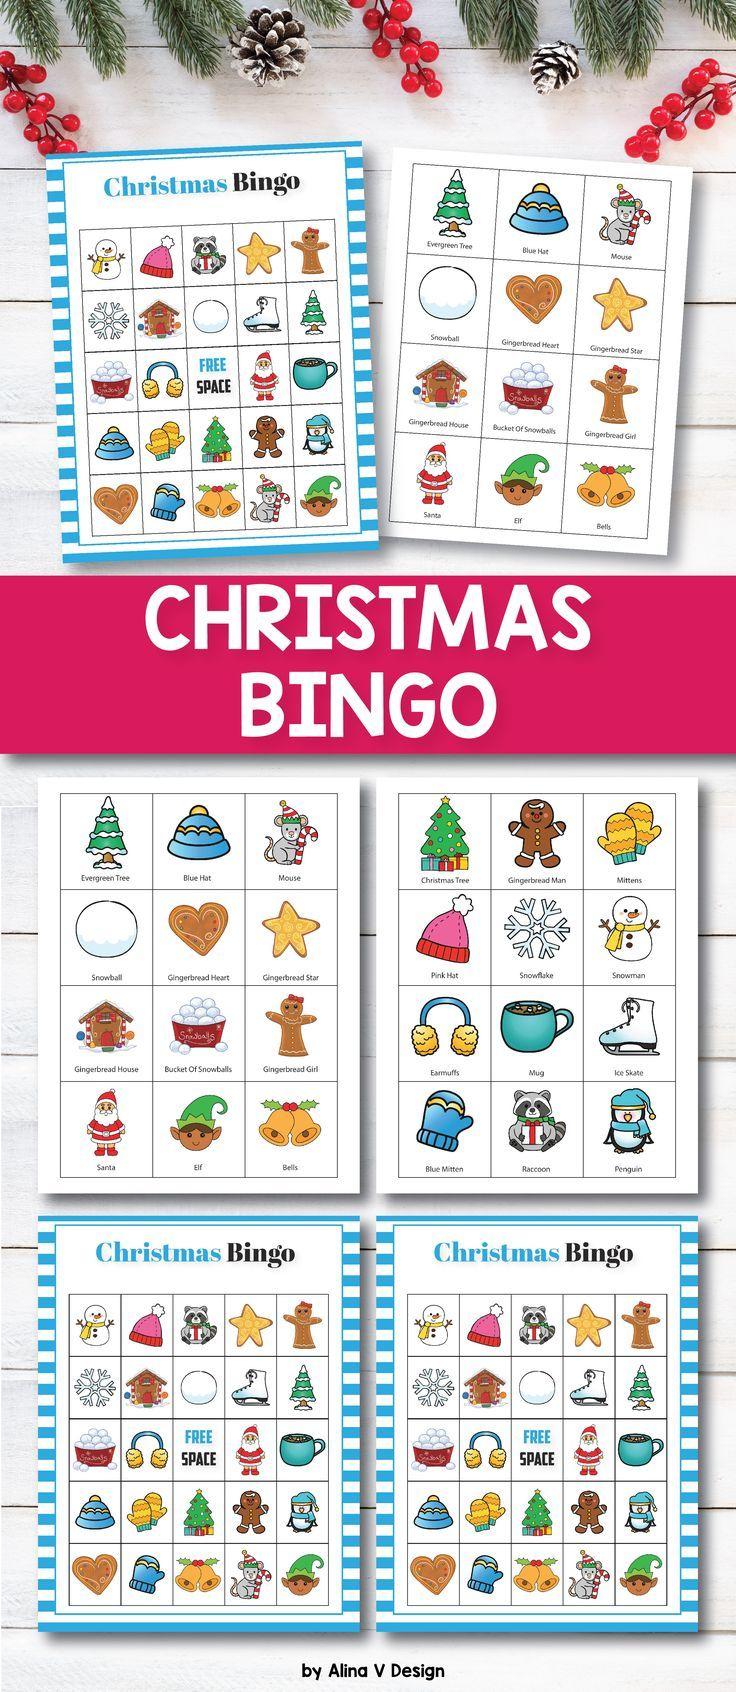 25 idées uniques de cartes de bingo de Noël sur Pinterest-9052